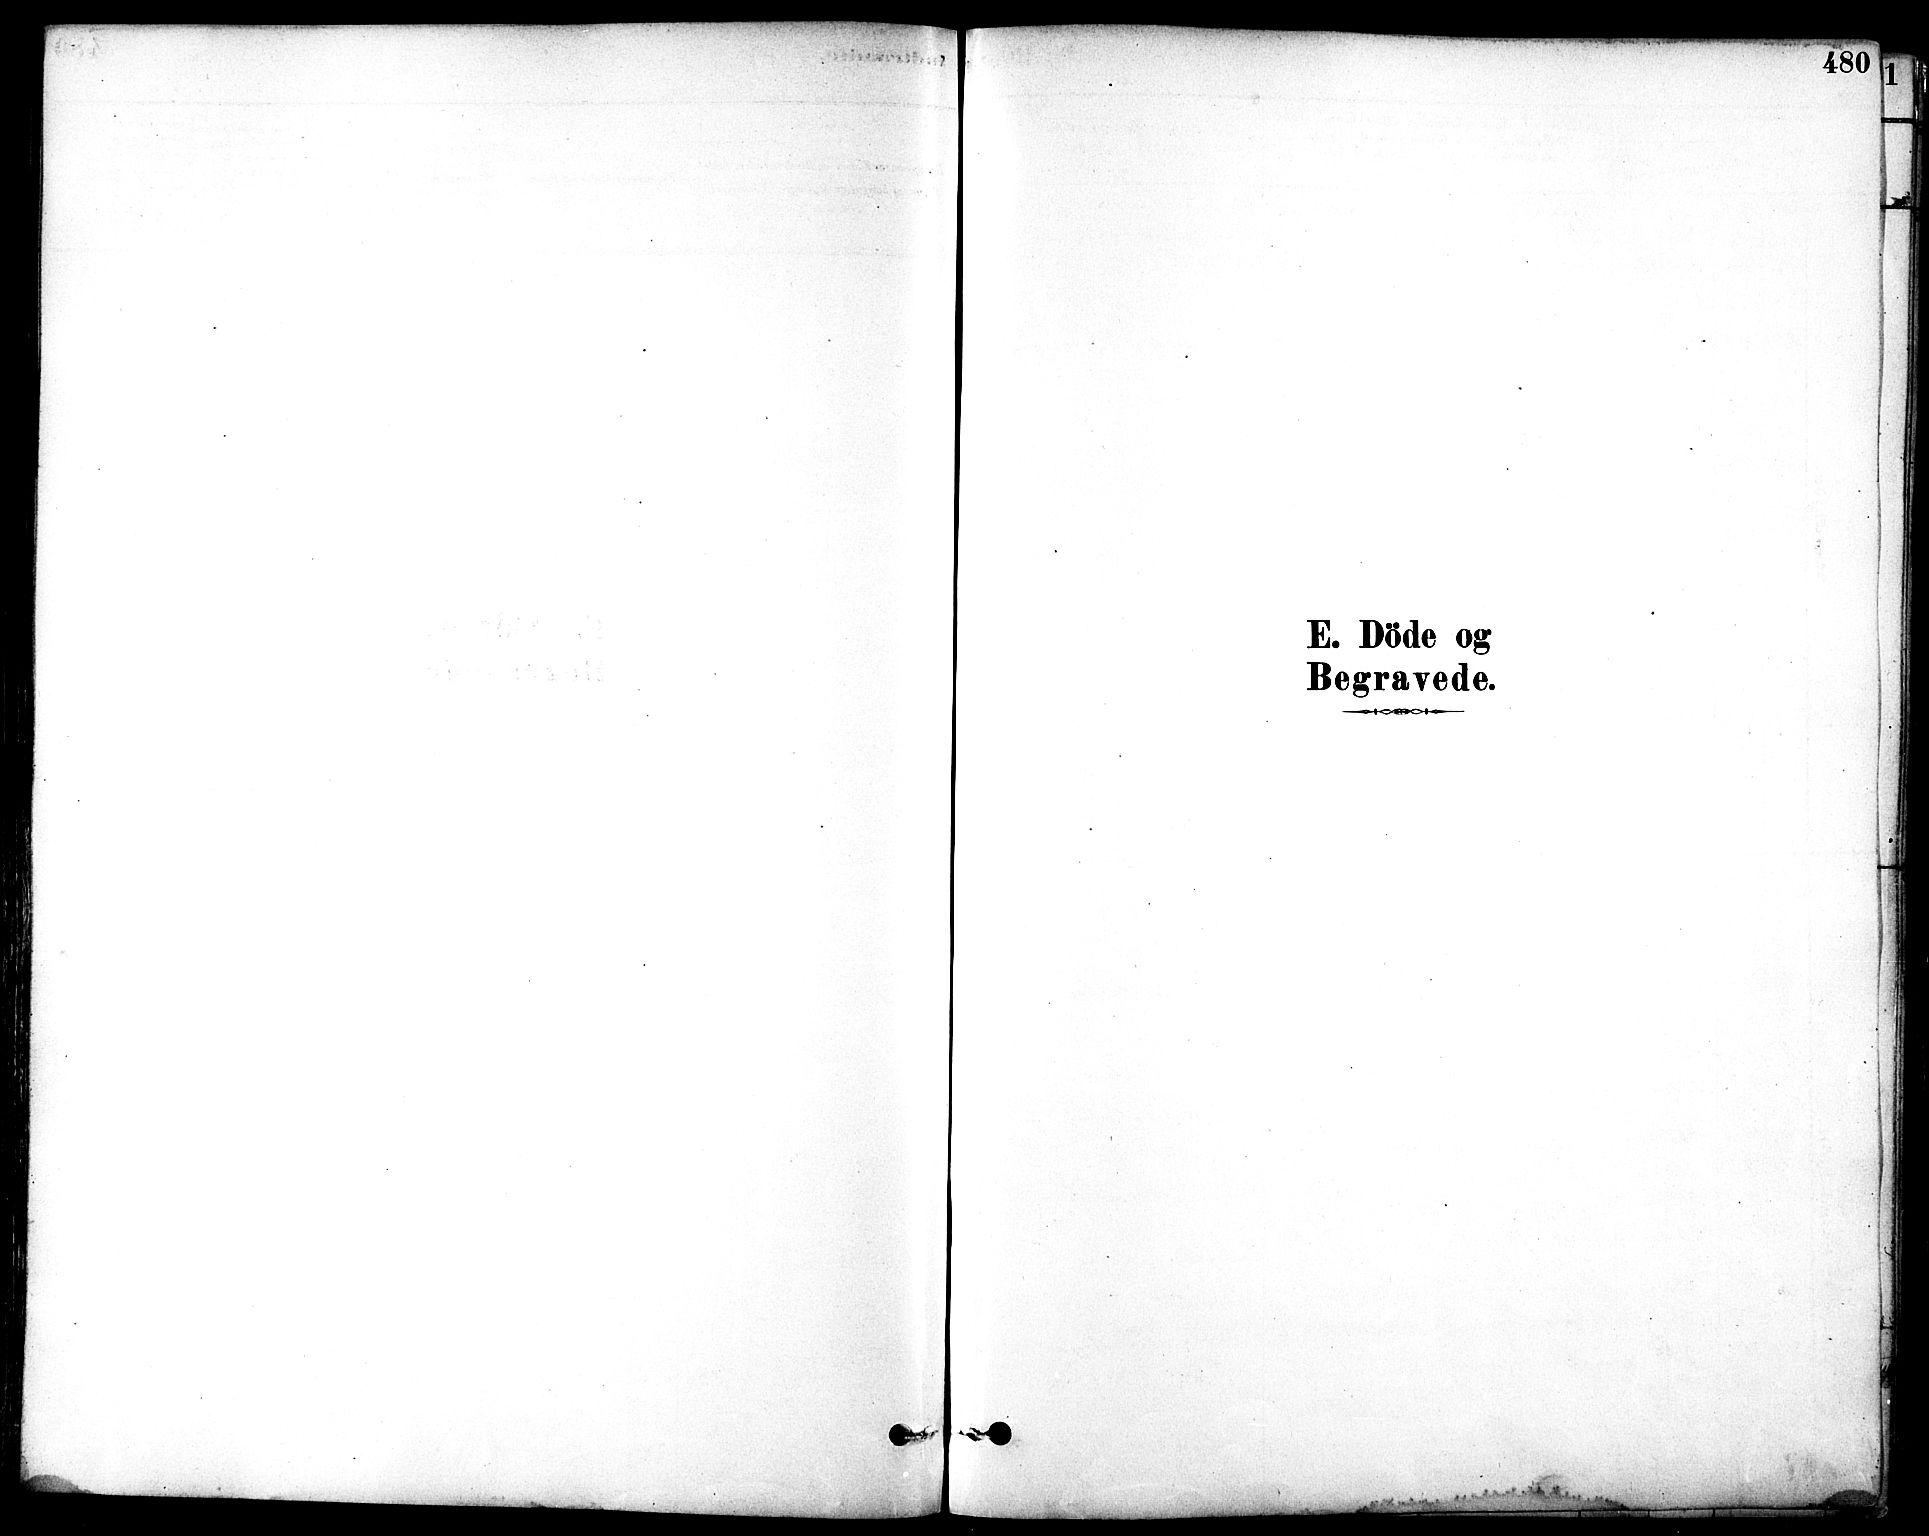 SAT, Ministerialprotokoller, klokkerbøker og fødselsregistre - Sør-Trøndelag, 601/L0058: Ministerialbok nr. 601A26, 1877-1891, s. 480